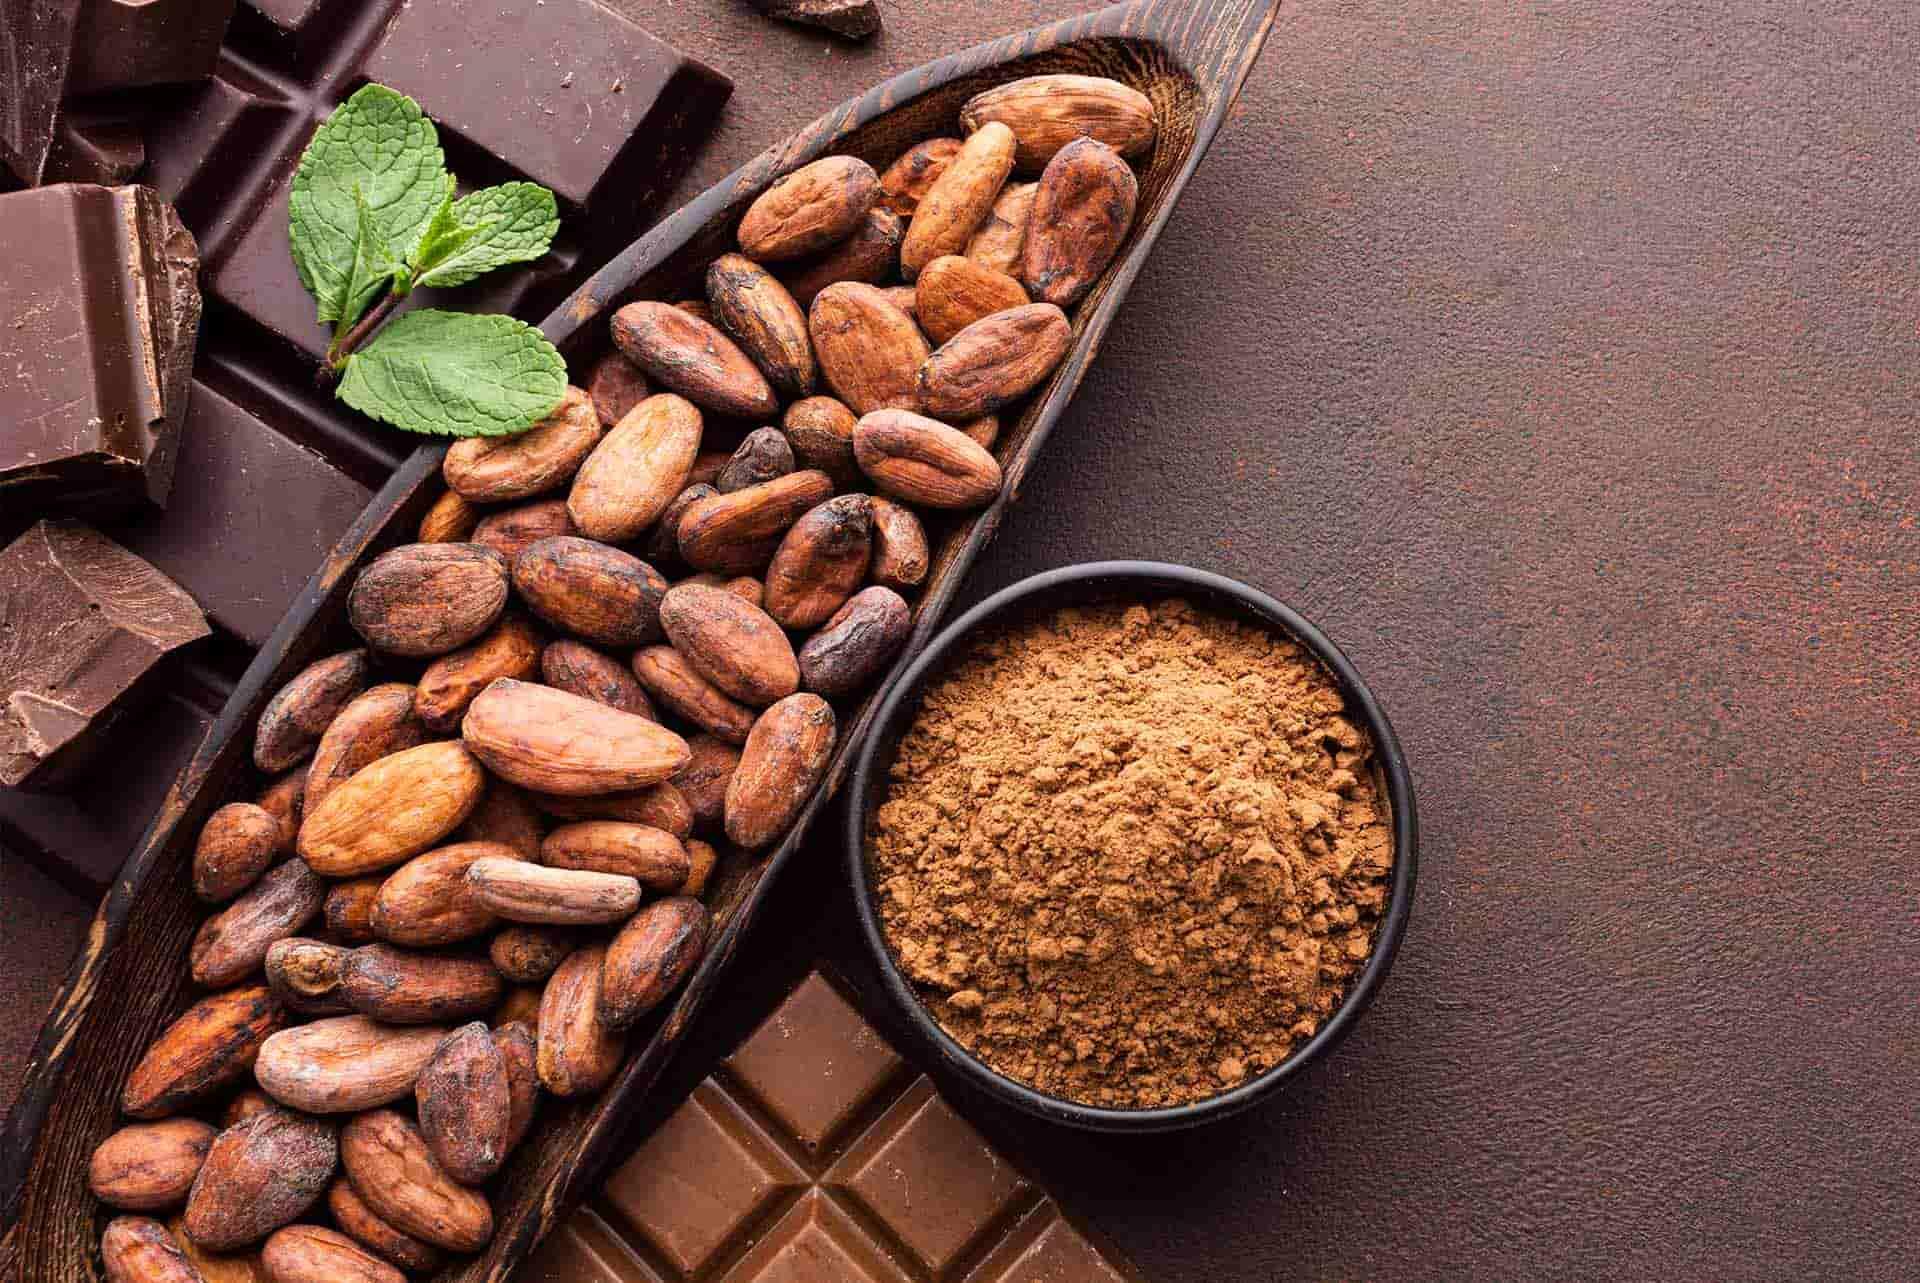 Kakao Çekirdeği; Ruh Haline İyi Gelir Ve Kilo Vermeye Yardımcıdır